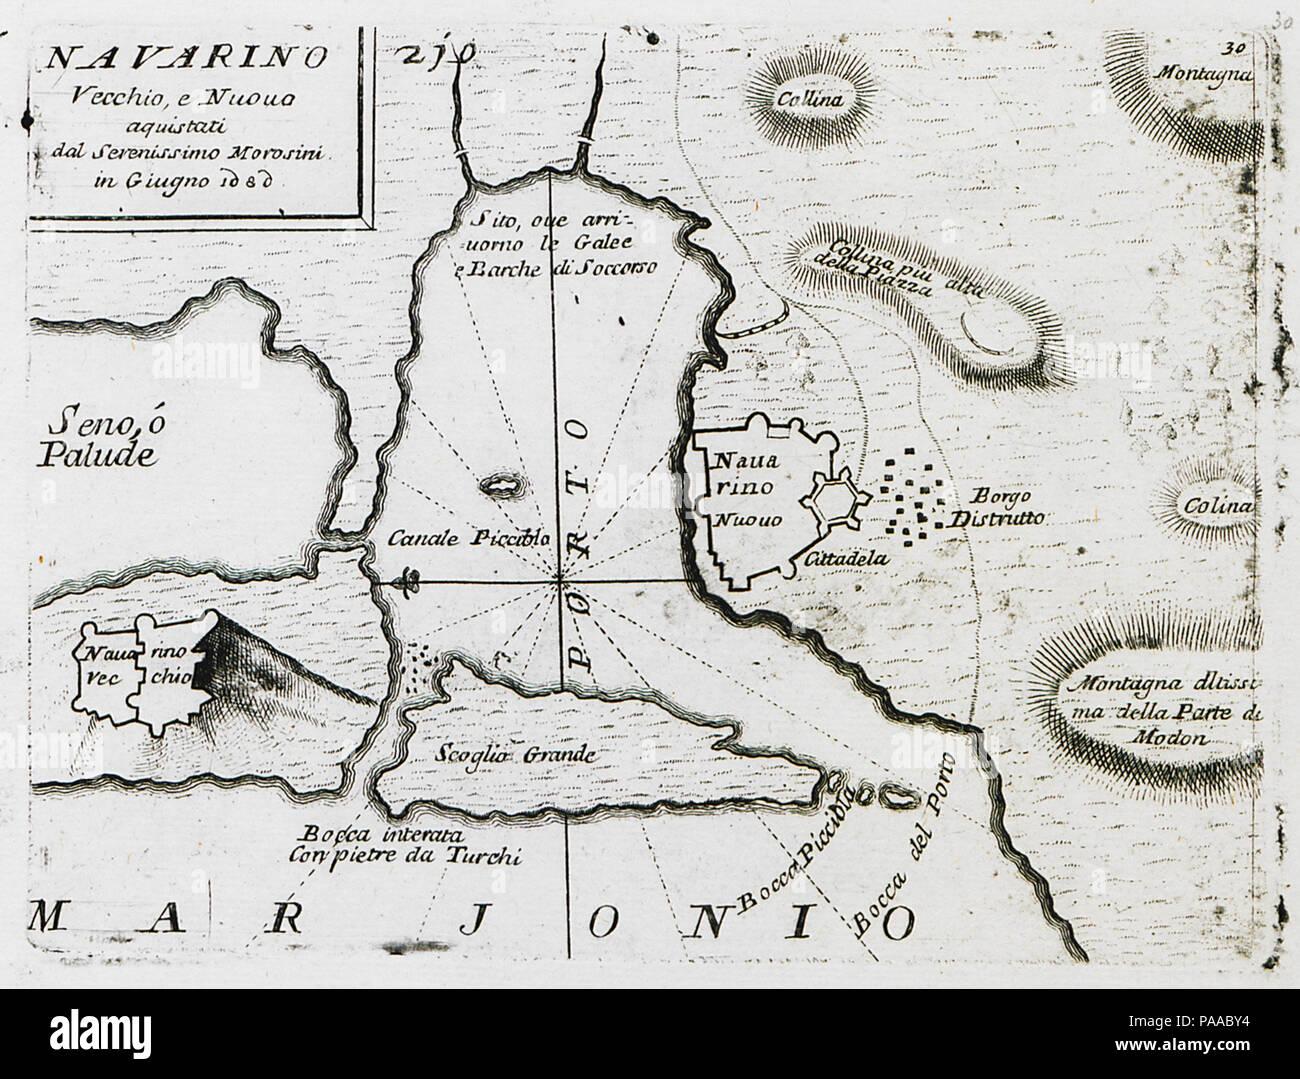 181 Navarino Vecchio, e Nuovo aquistati dal Serenissimo Morosini in Giugno 1680 - Coronelli Vincenzo - 1686 Stock Photo